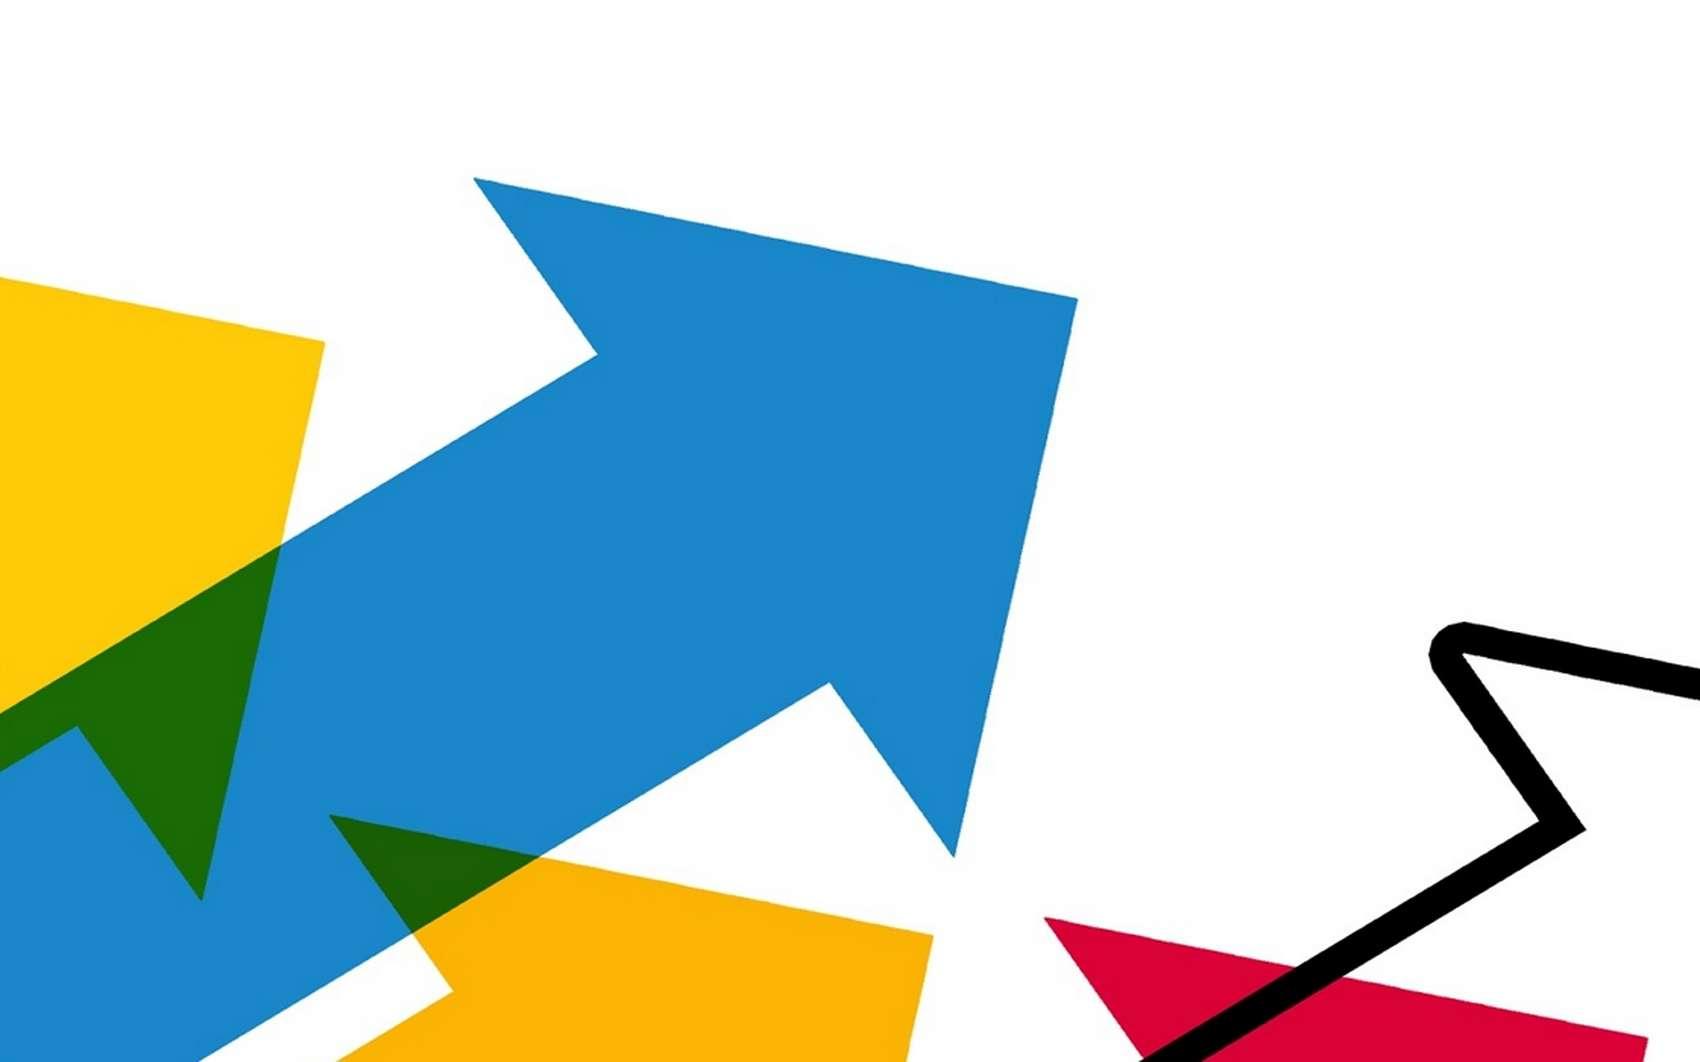 Le Growth Hacking est une technique de croissance pour les entreprises. © leversandpulley, Pixabay